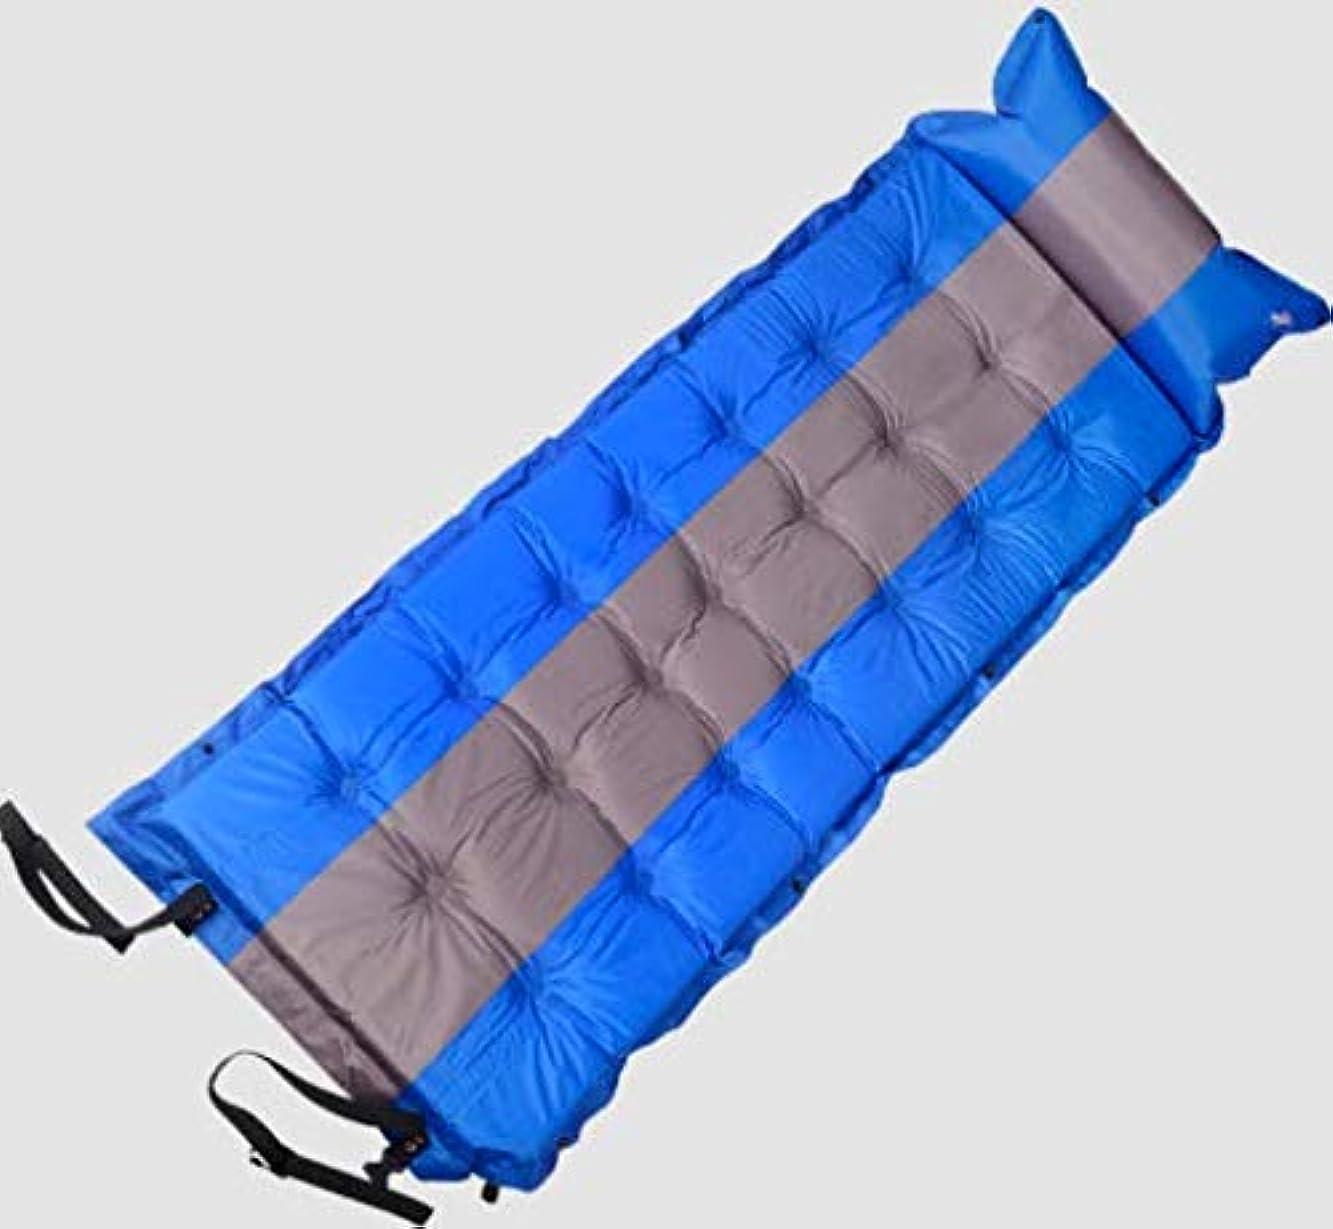 交差点控える不均一屋外インフレータブルクッション厚い防水キャンプテント湿気パッドシングルスリーピングパッドを接合することができます